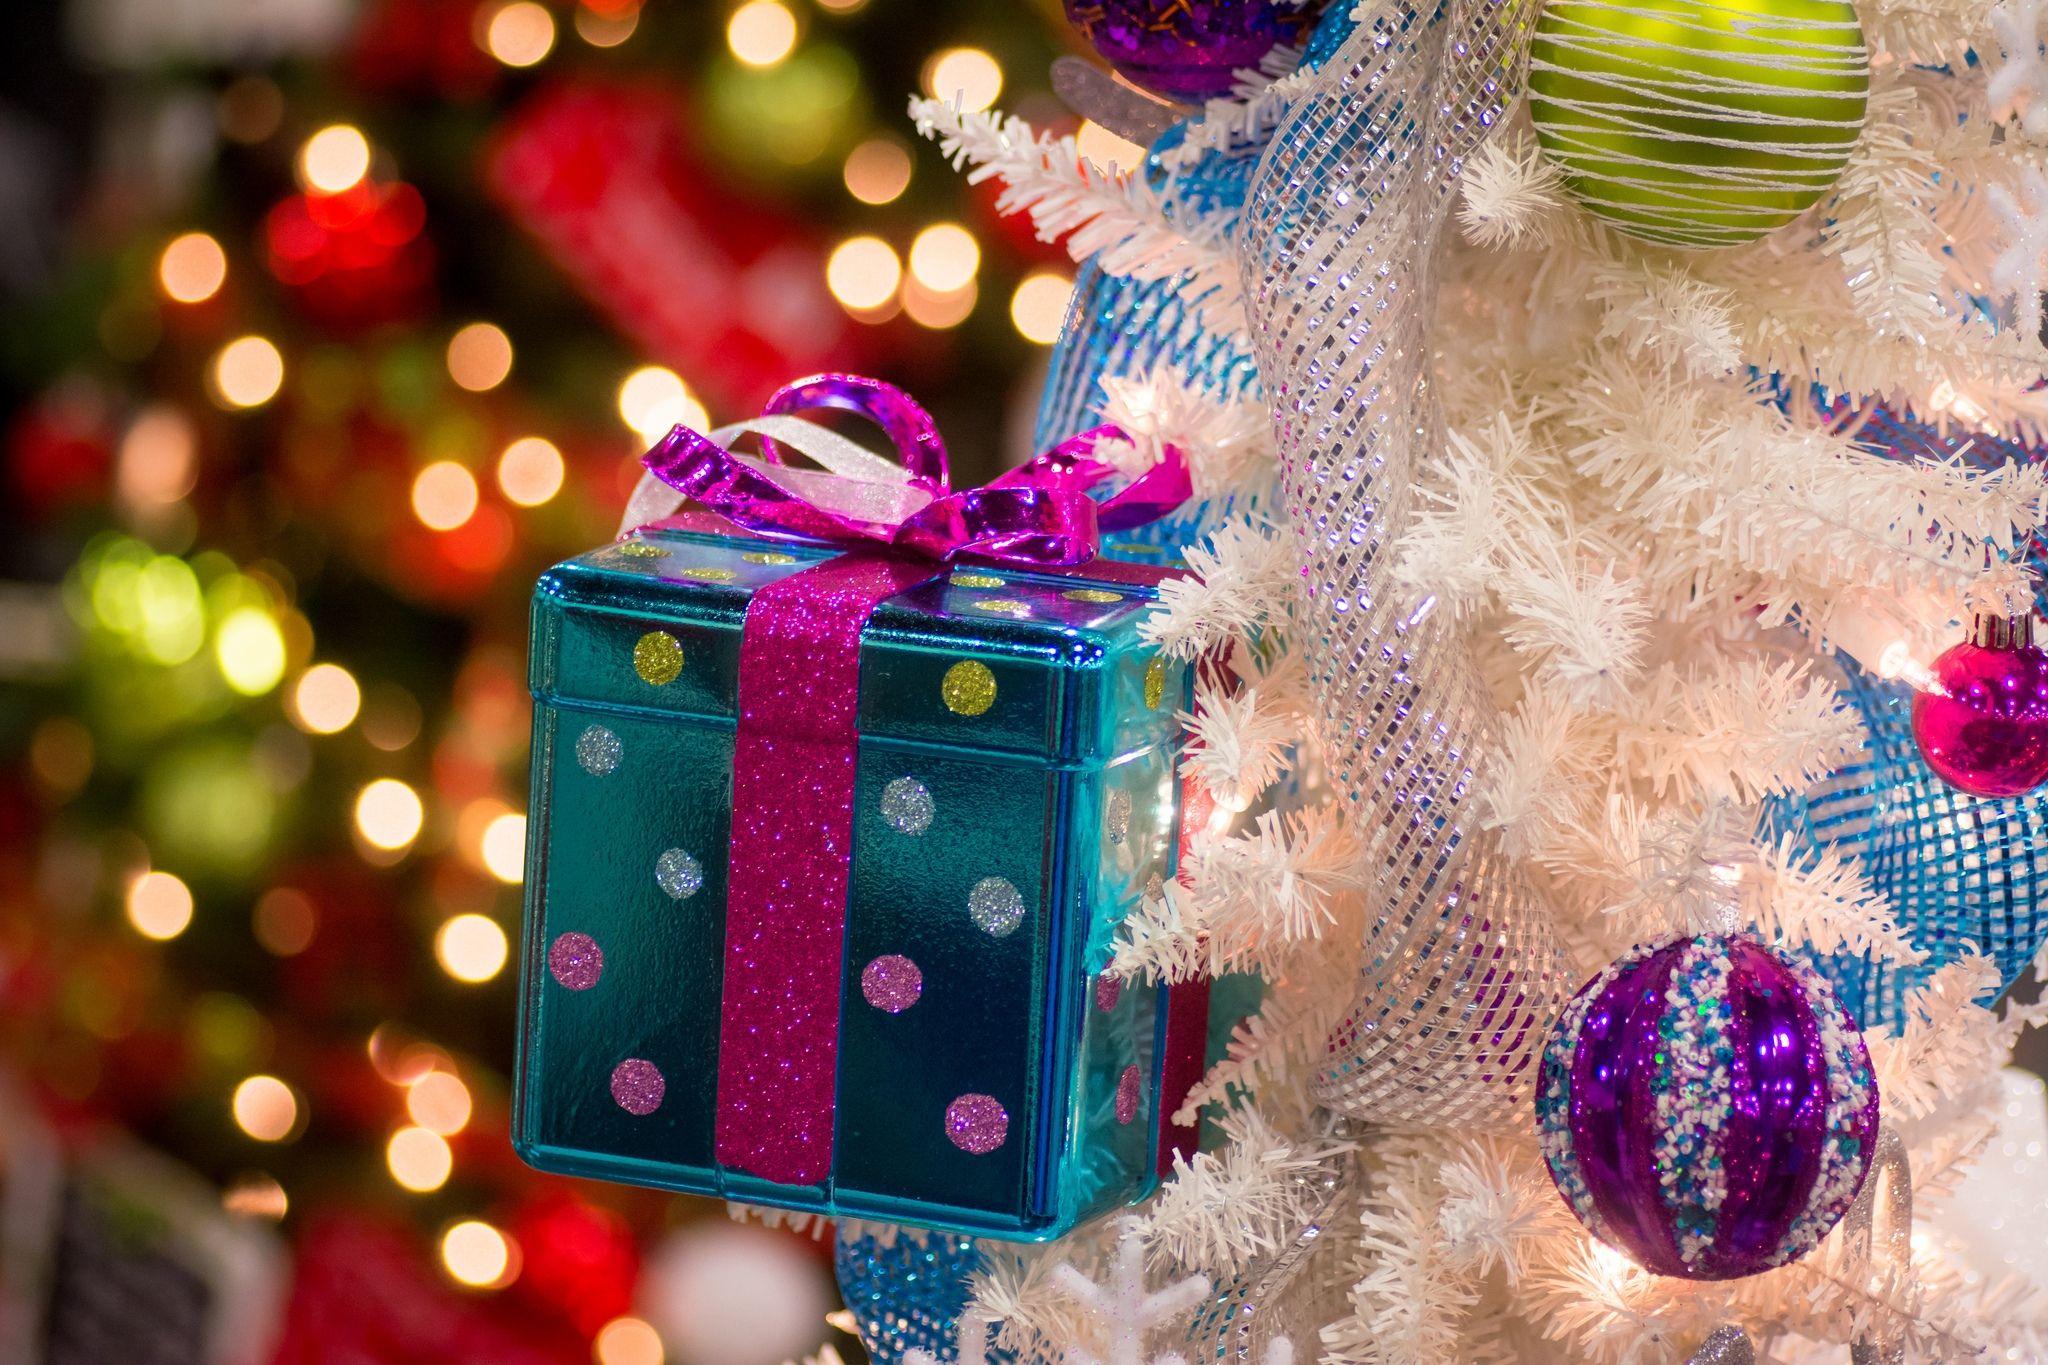 Прикольные подарки на Новый год 2018 - http://god-2018s.com ...